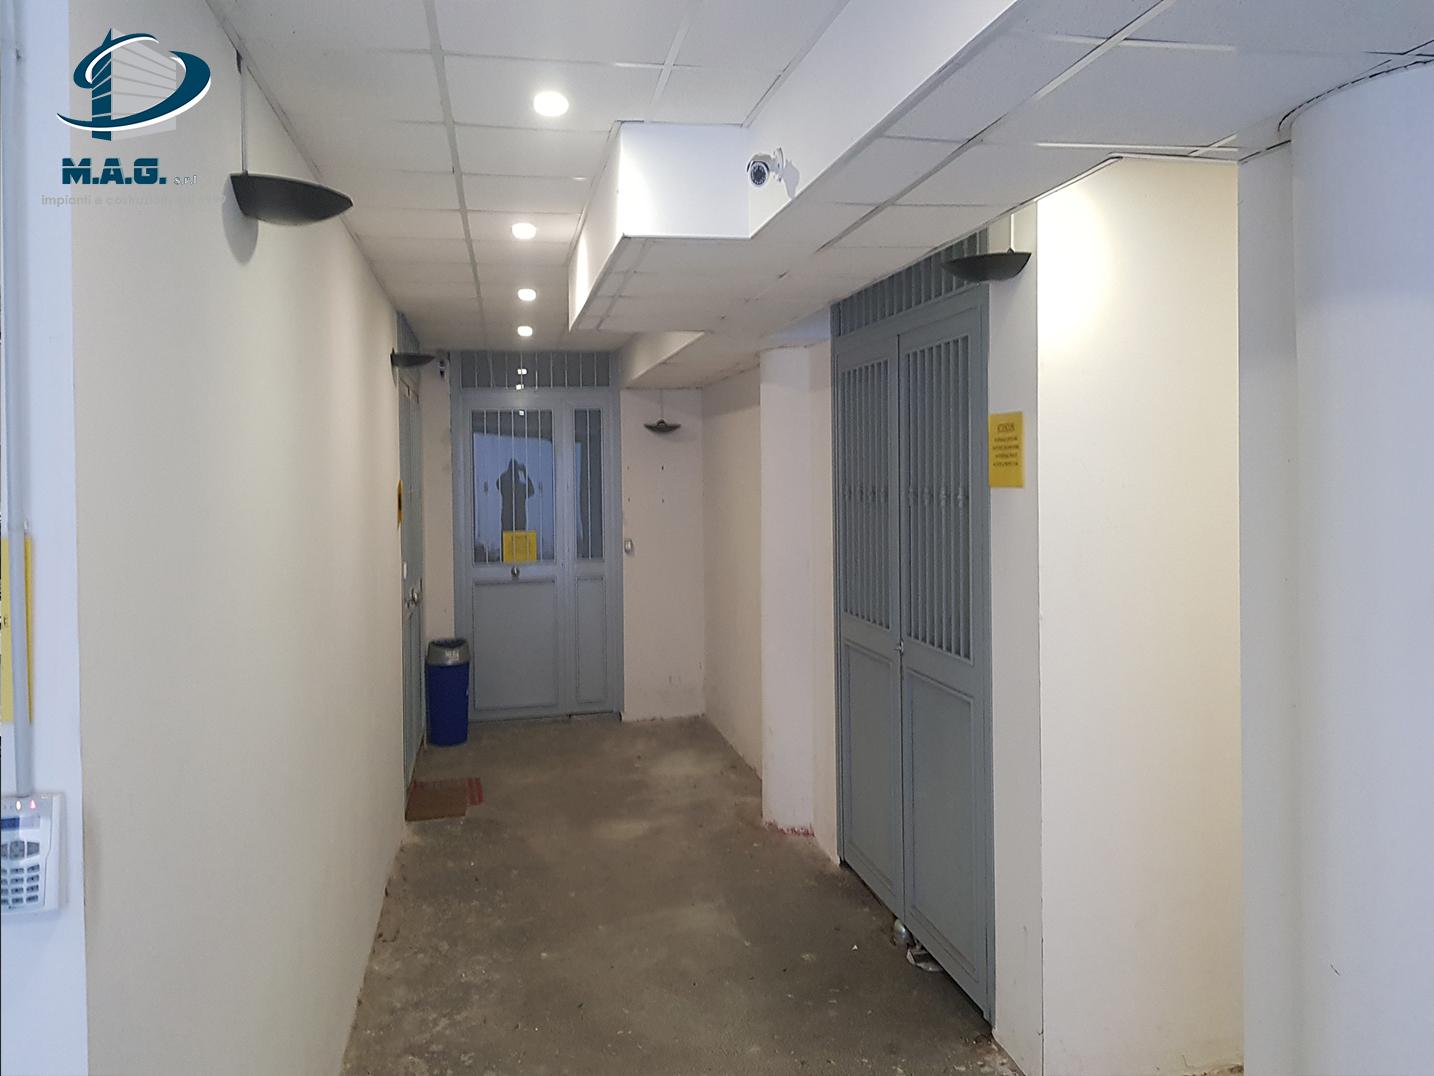 Ufficio Casalnuovo : Ristrutturazione ufficio casalnuovo di napoli m a g srl